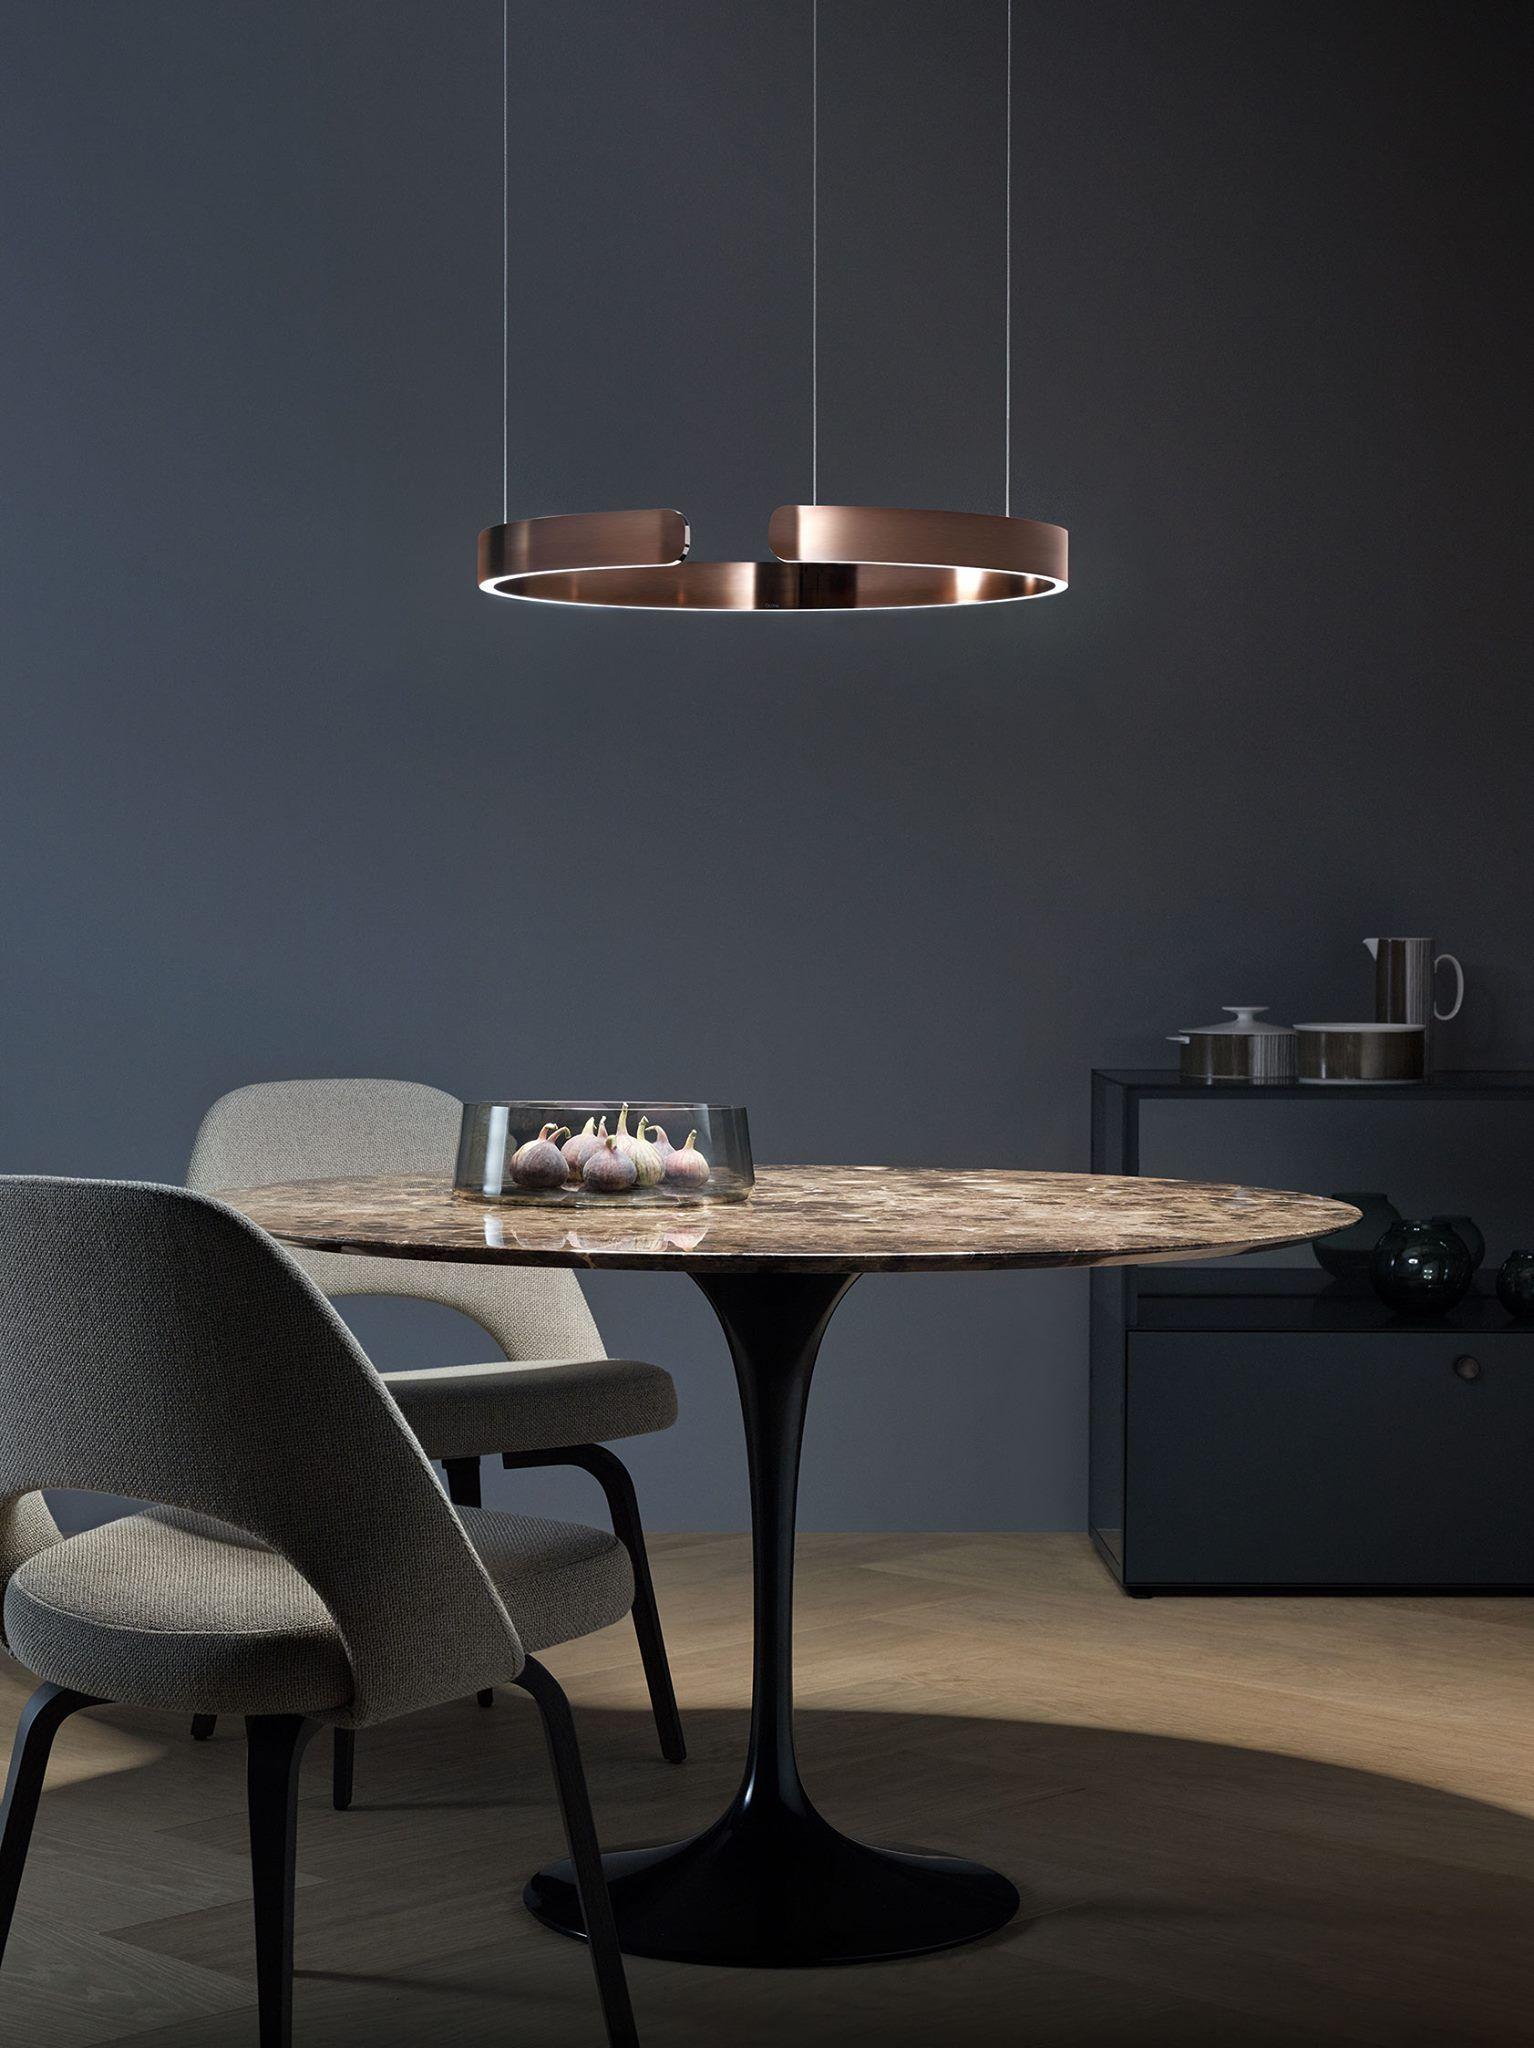 Mito Sospeso Kuchenleuchten Lampe Esstisch Design Lampen